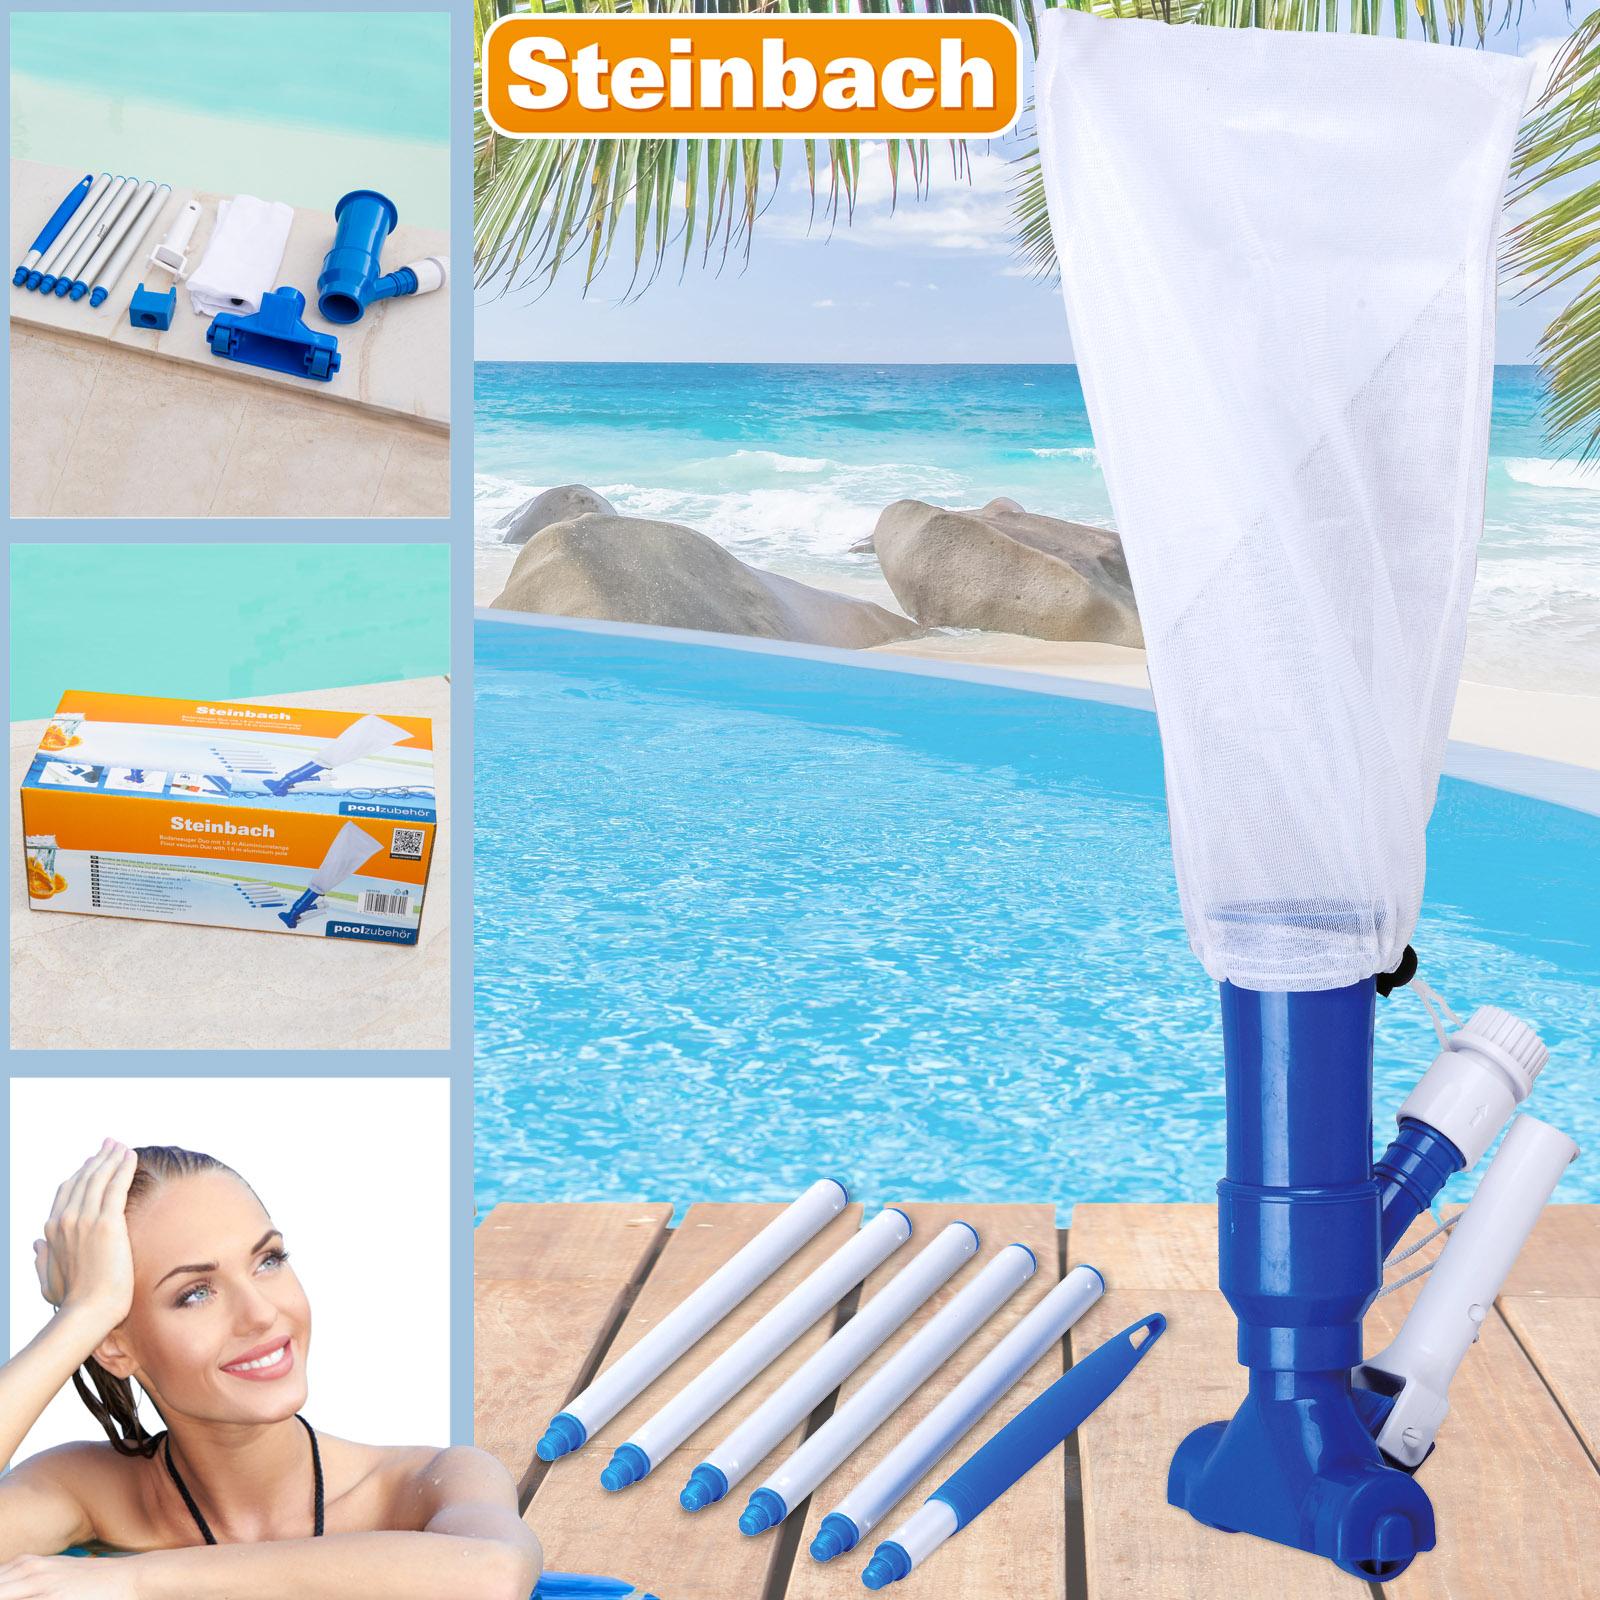 Steinbach Bodensauger Duo mit 1,5 m Alustange und Adapter Venturi Poolreiniger